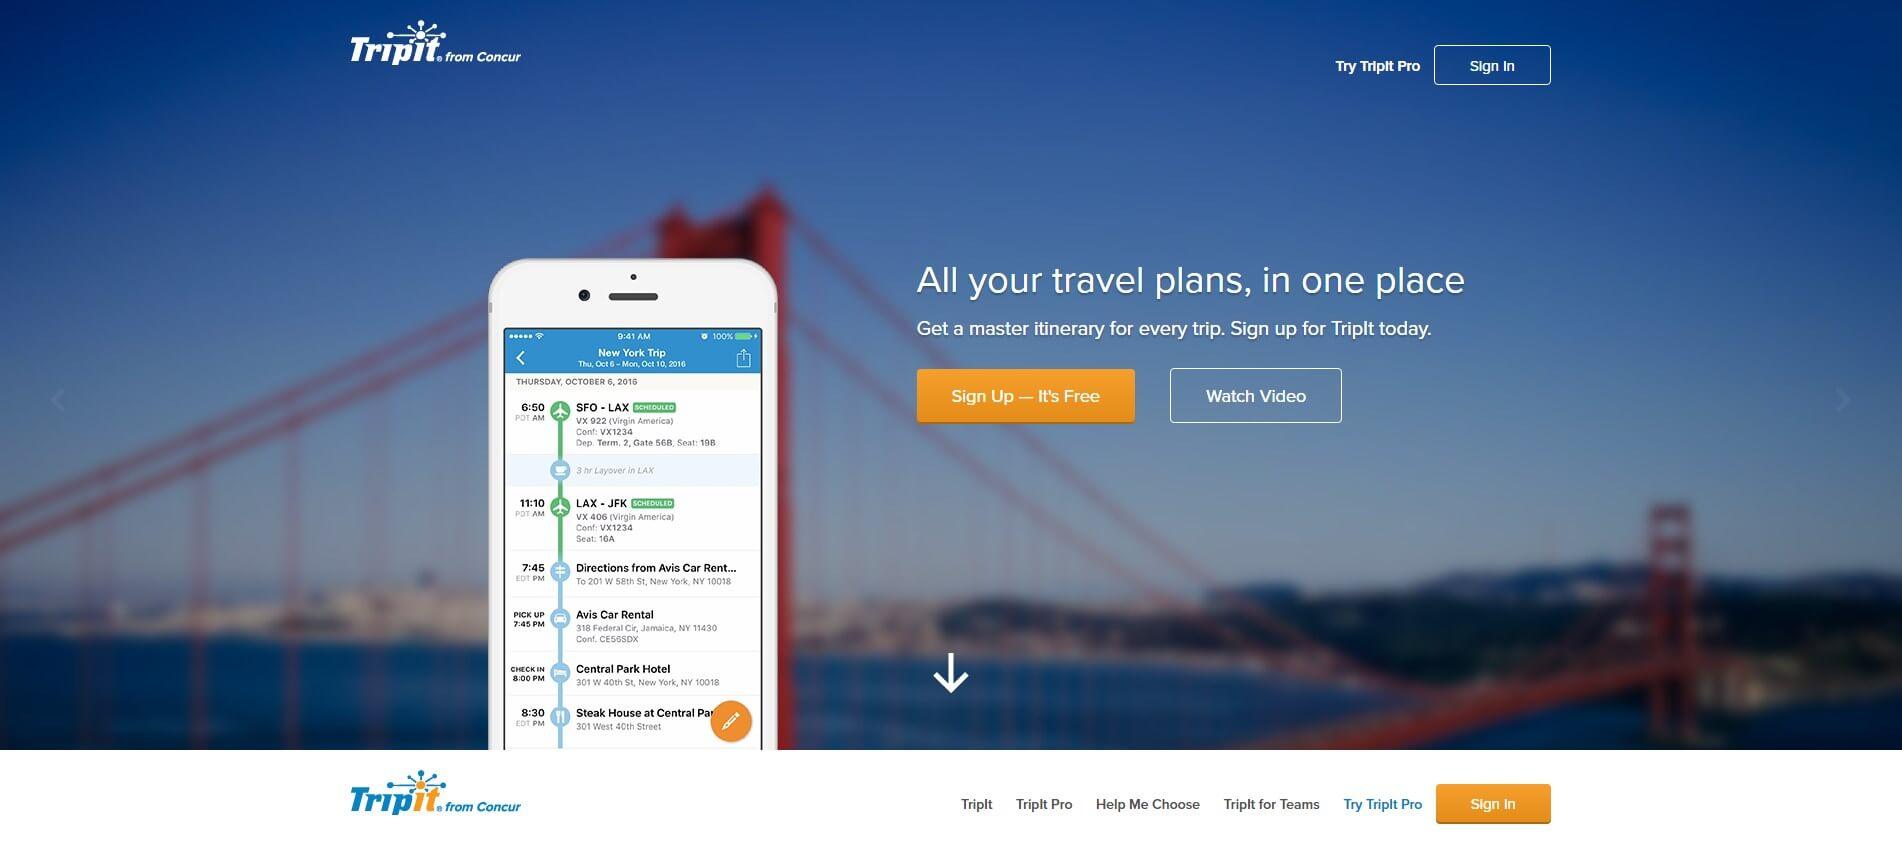 אפליקציות מומלצות לעסקים tripit